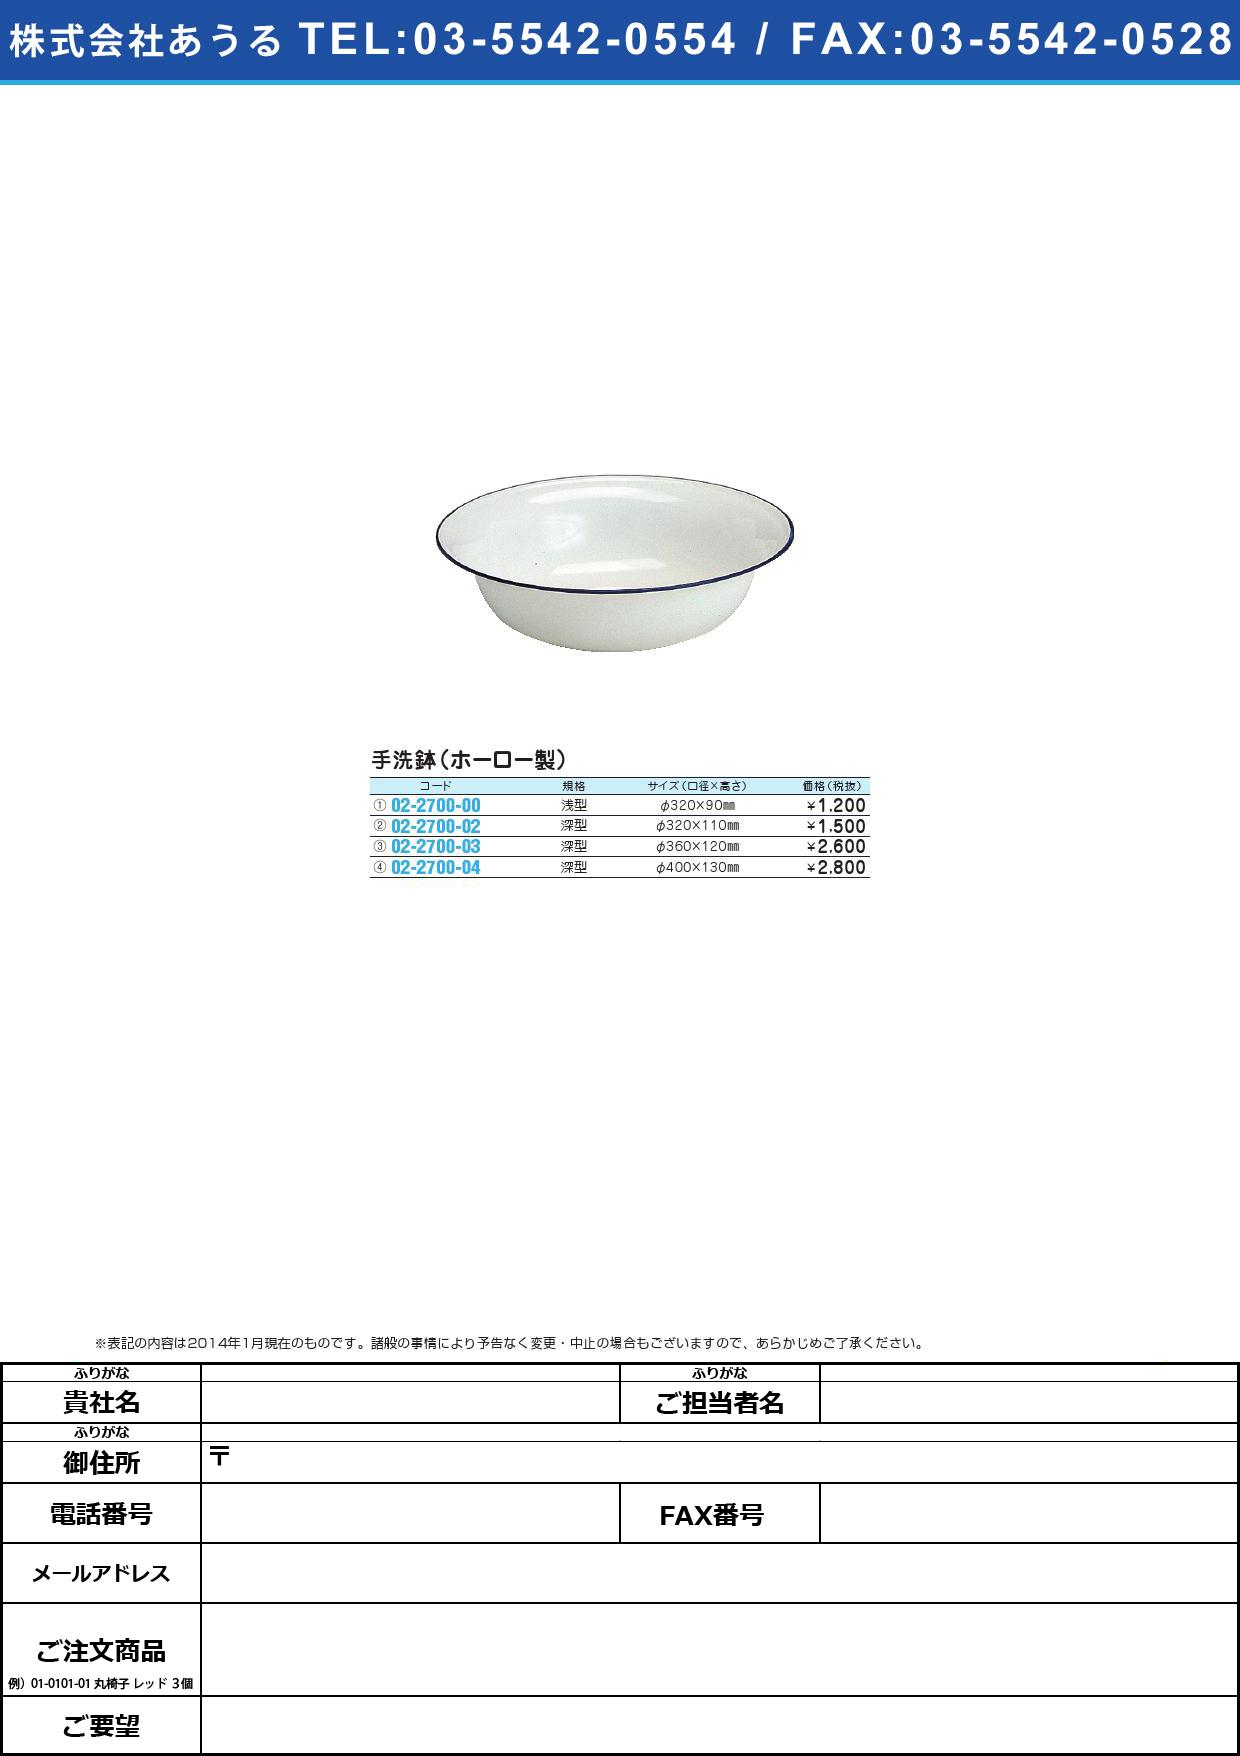 (02-2700-03)手洗鉢(ホーロー製)深型 テアライバチ(02-2700-03)36CM【1枚単位】【2014年カタログ商品】